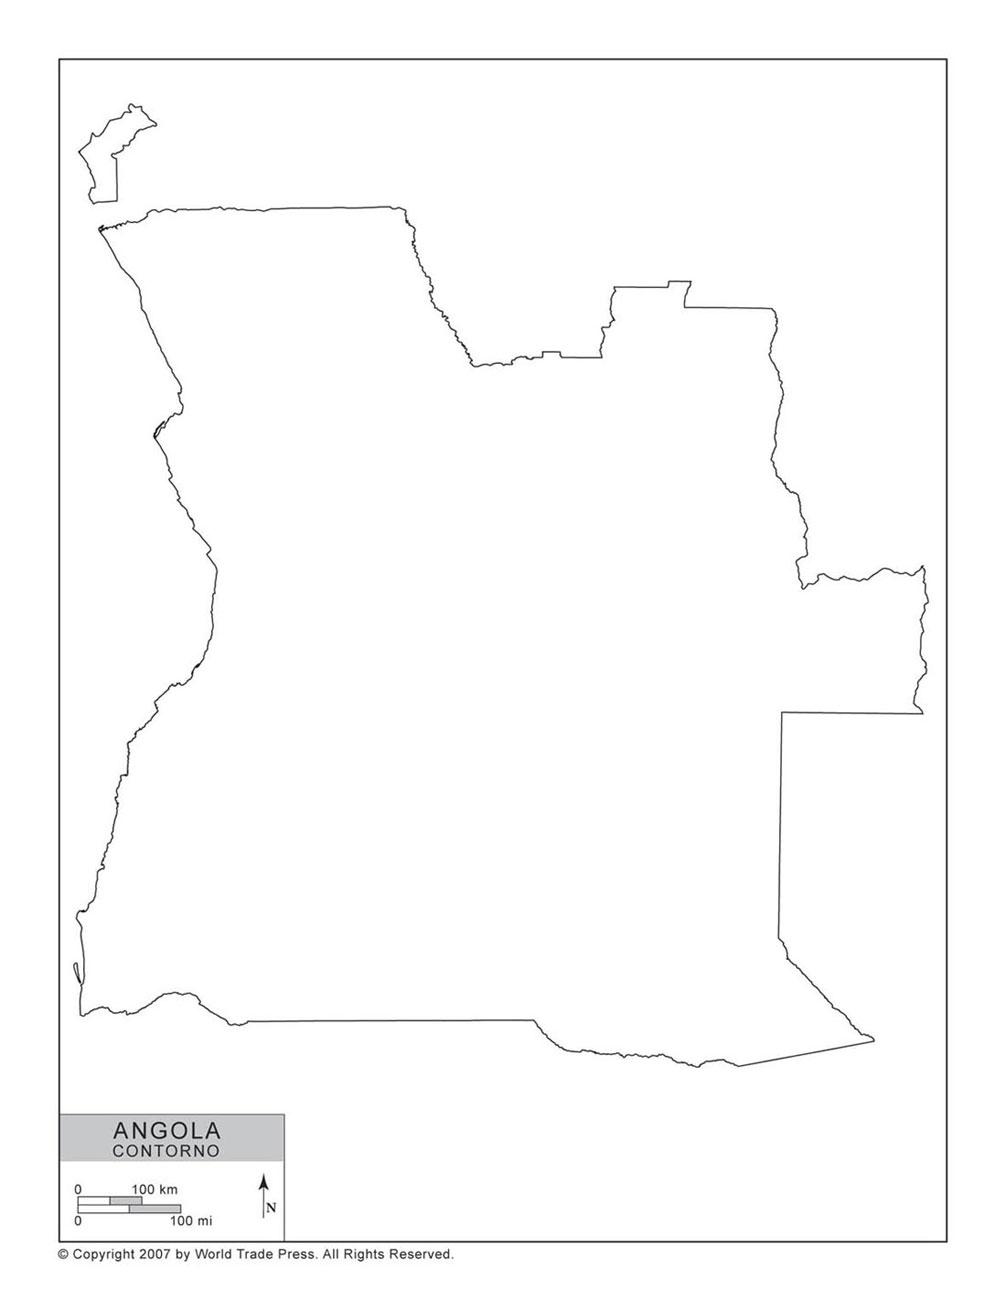 Mapa de Angola com Contorno